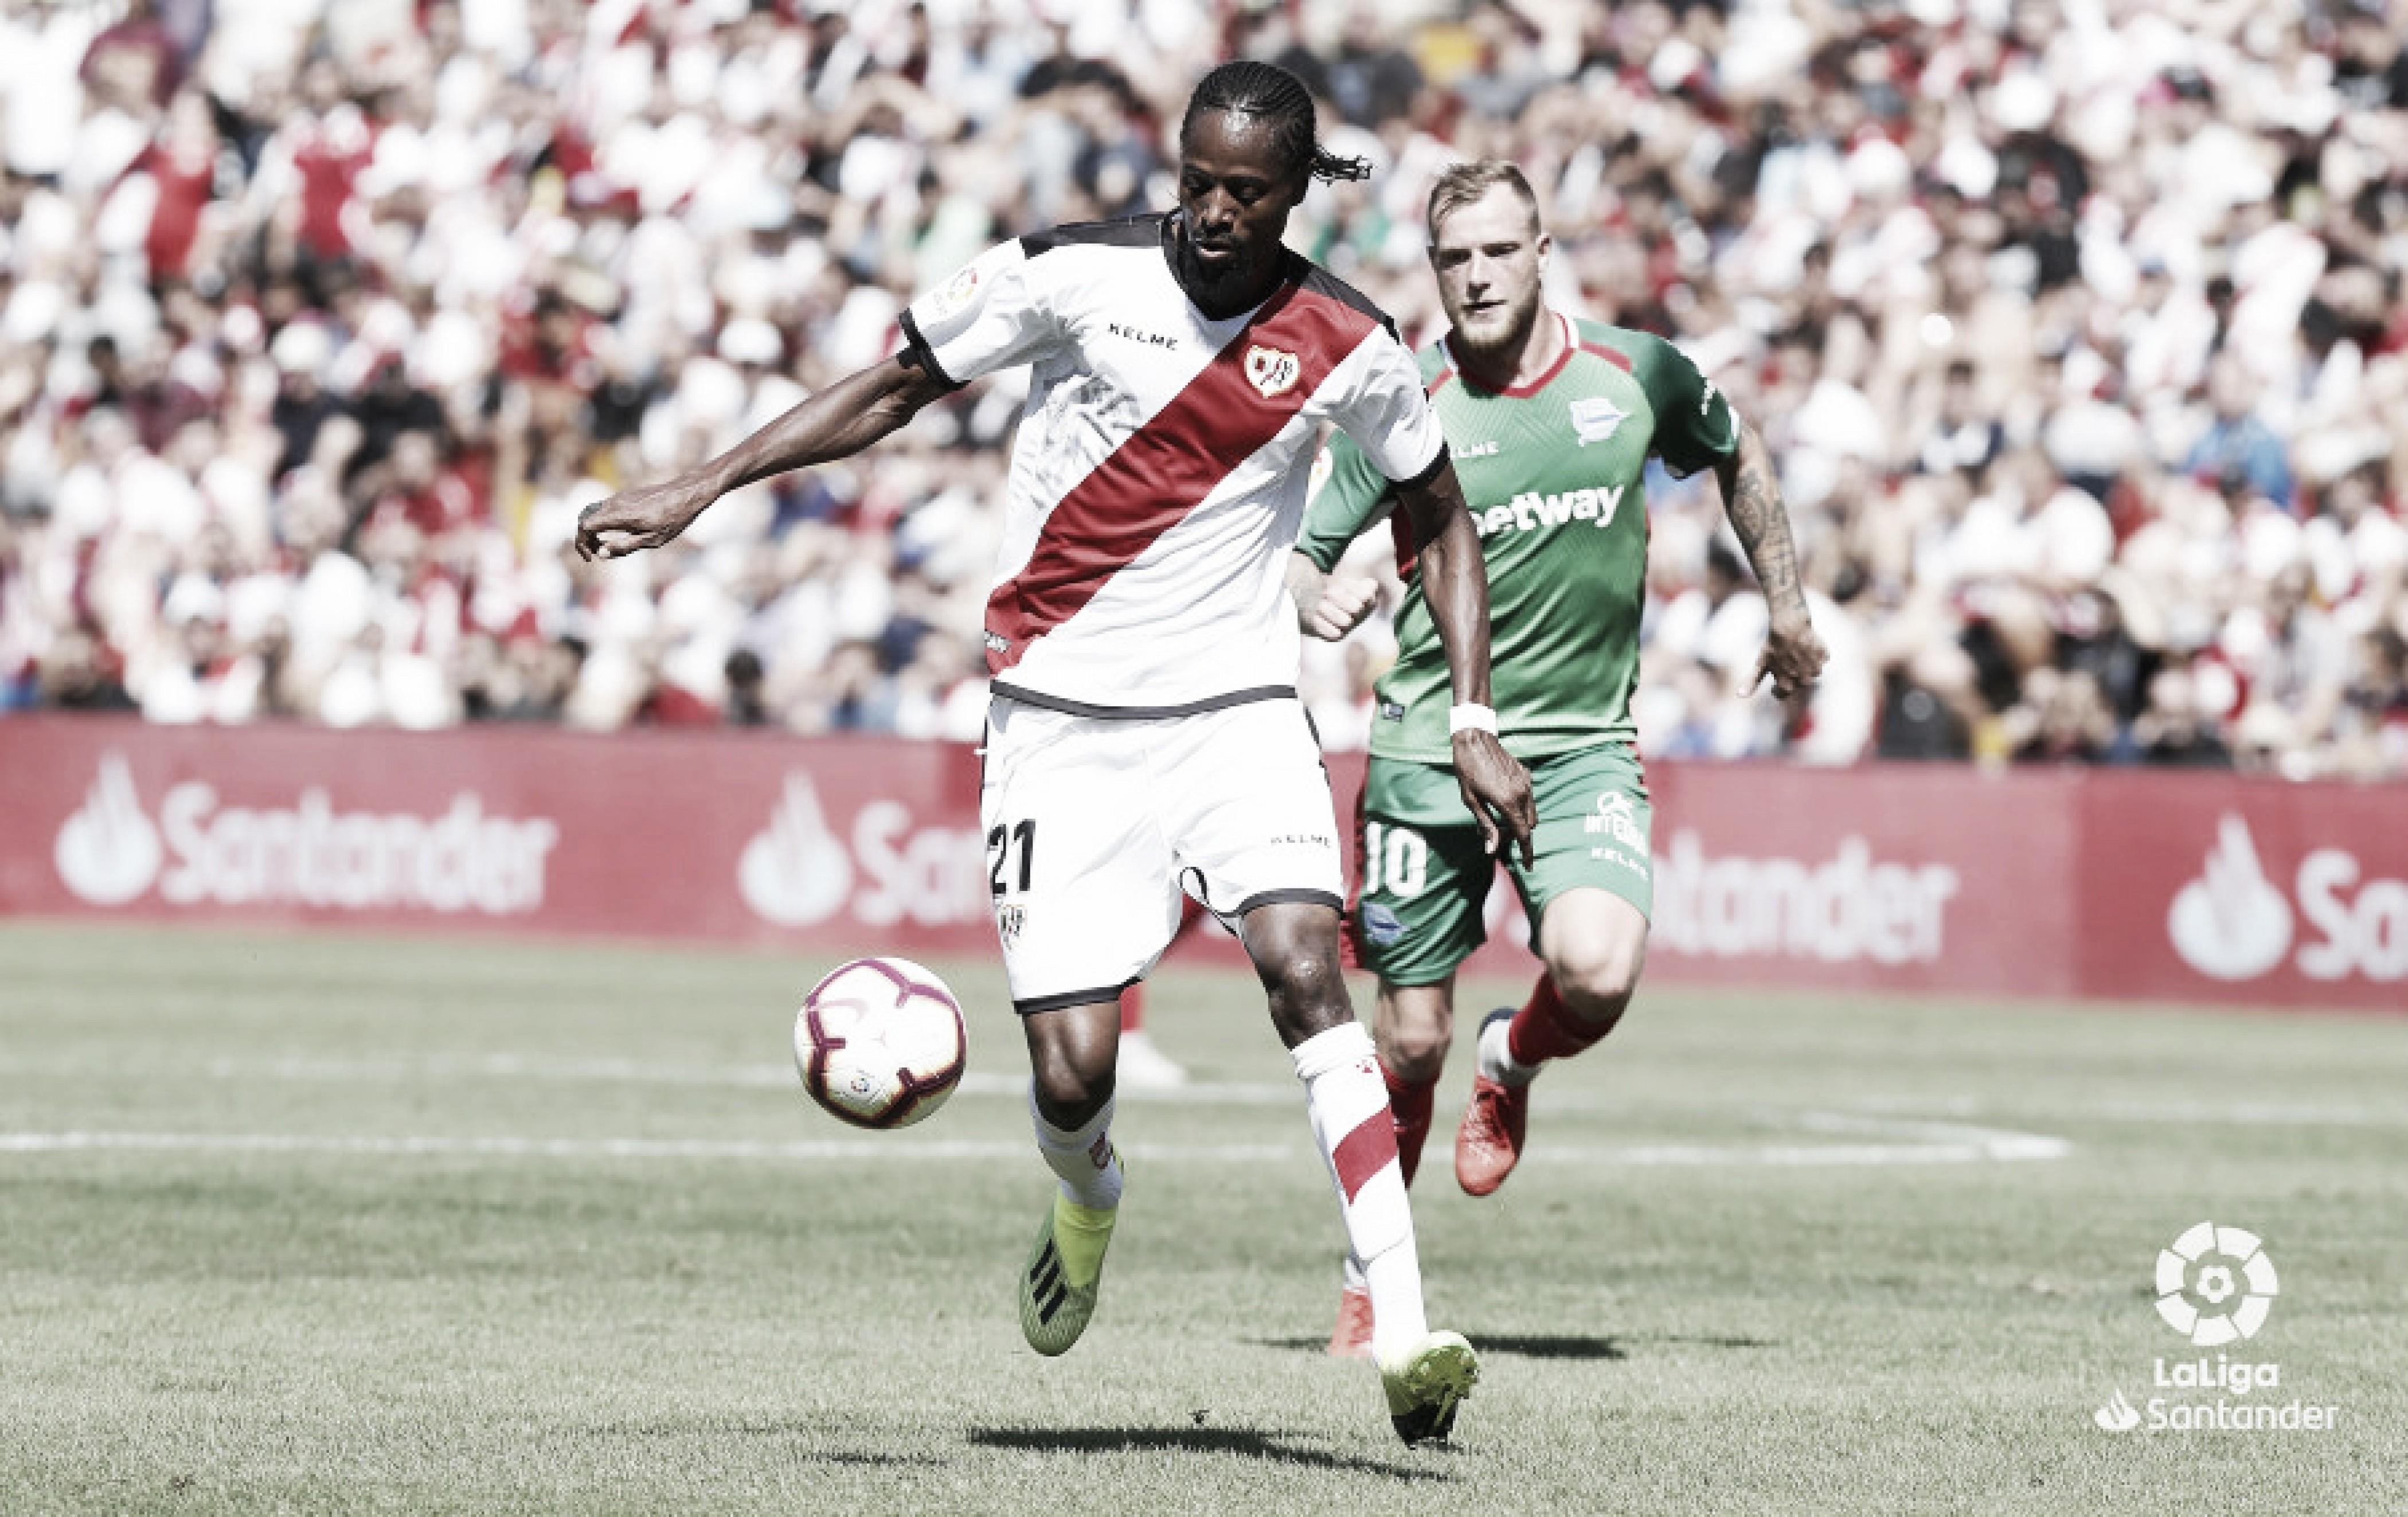 El senegalés recibió la primera tarjeta roja de la temporada